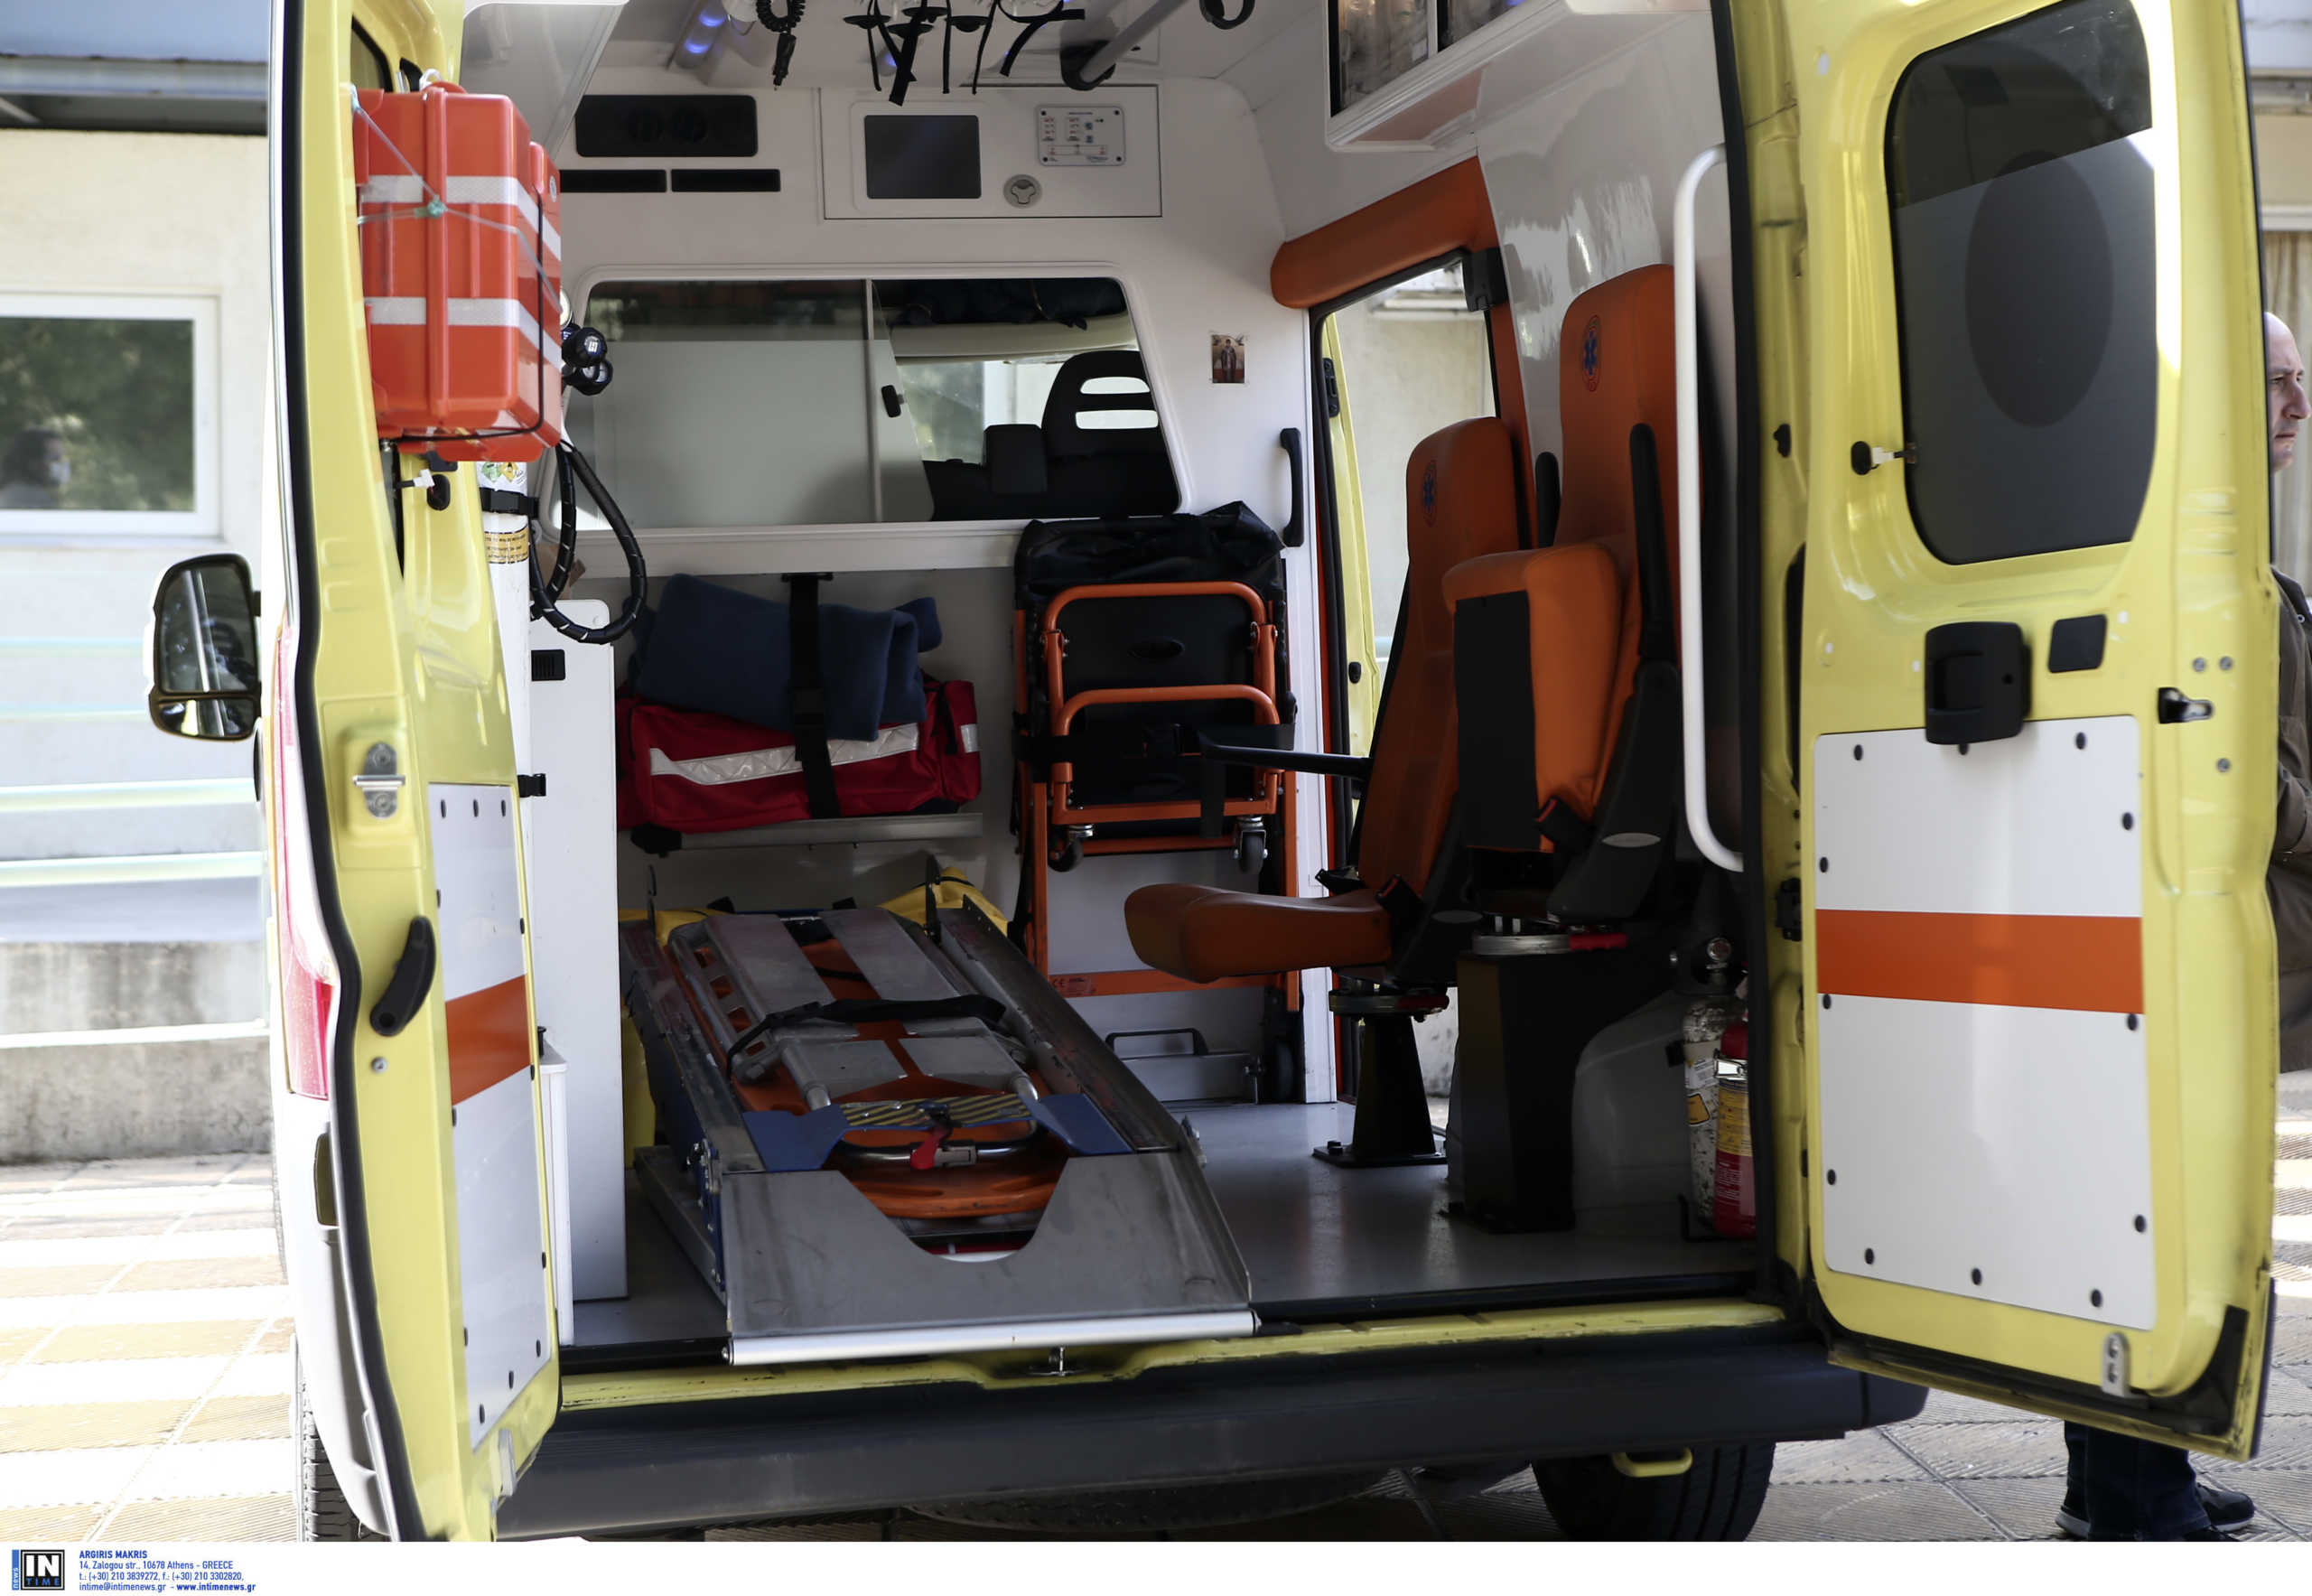 Κορονοϊός: Φόβος μετά τον θάνατο 52χρονου  υπαλλήλου σε εργοστάσιο της Σίνδου στη Θεσσαλονίκη!